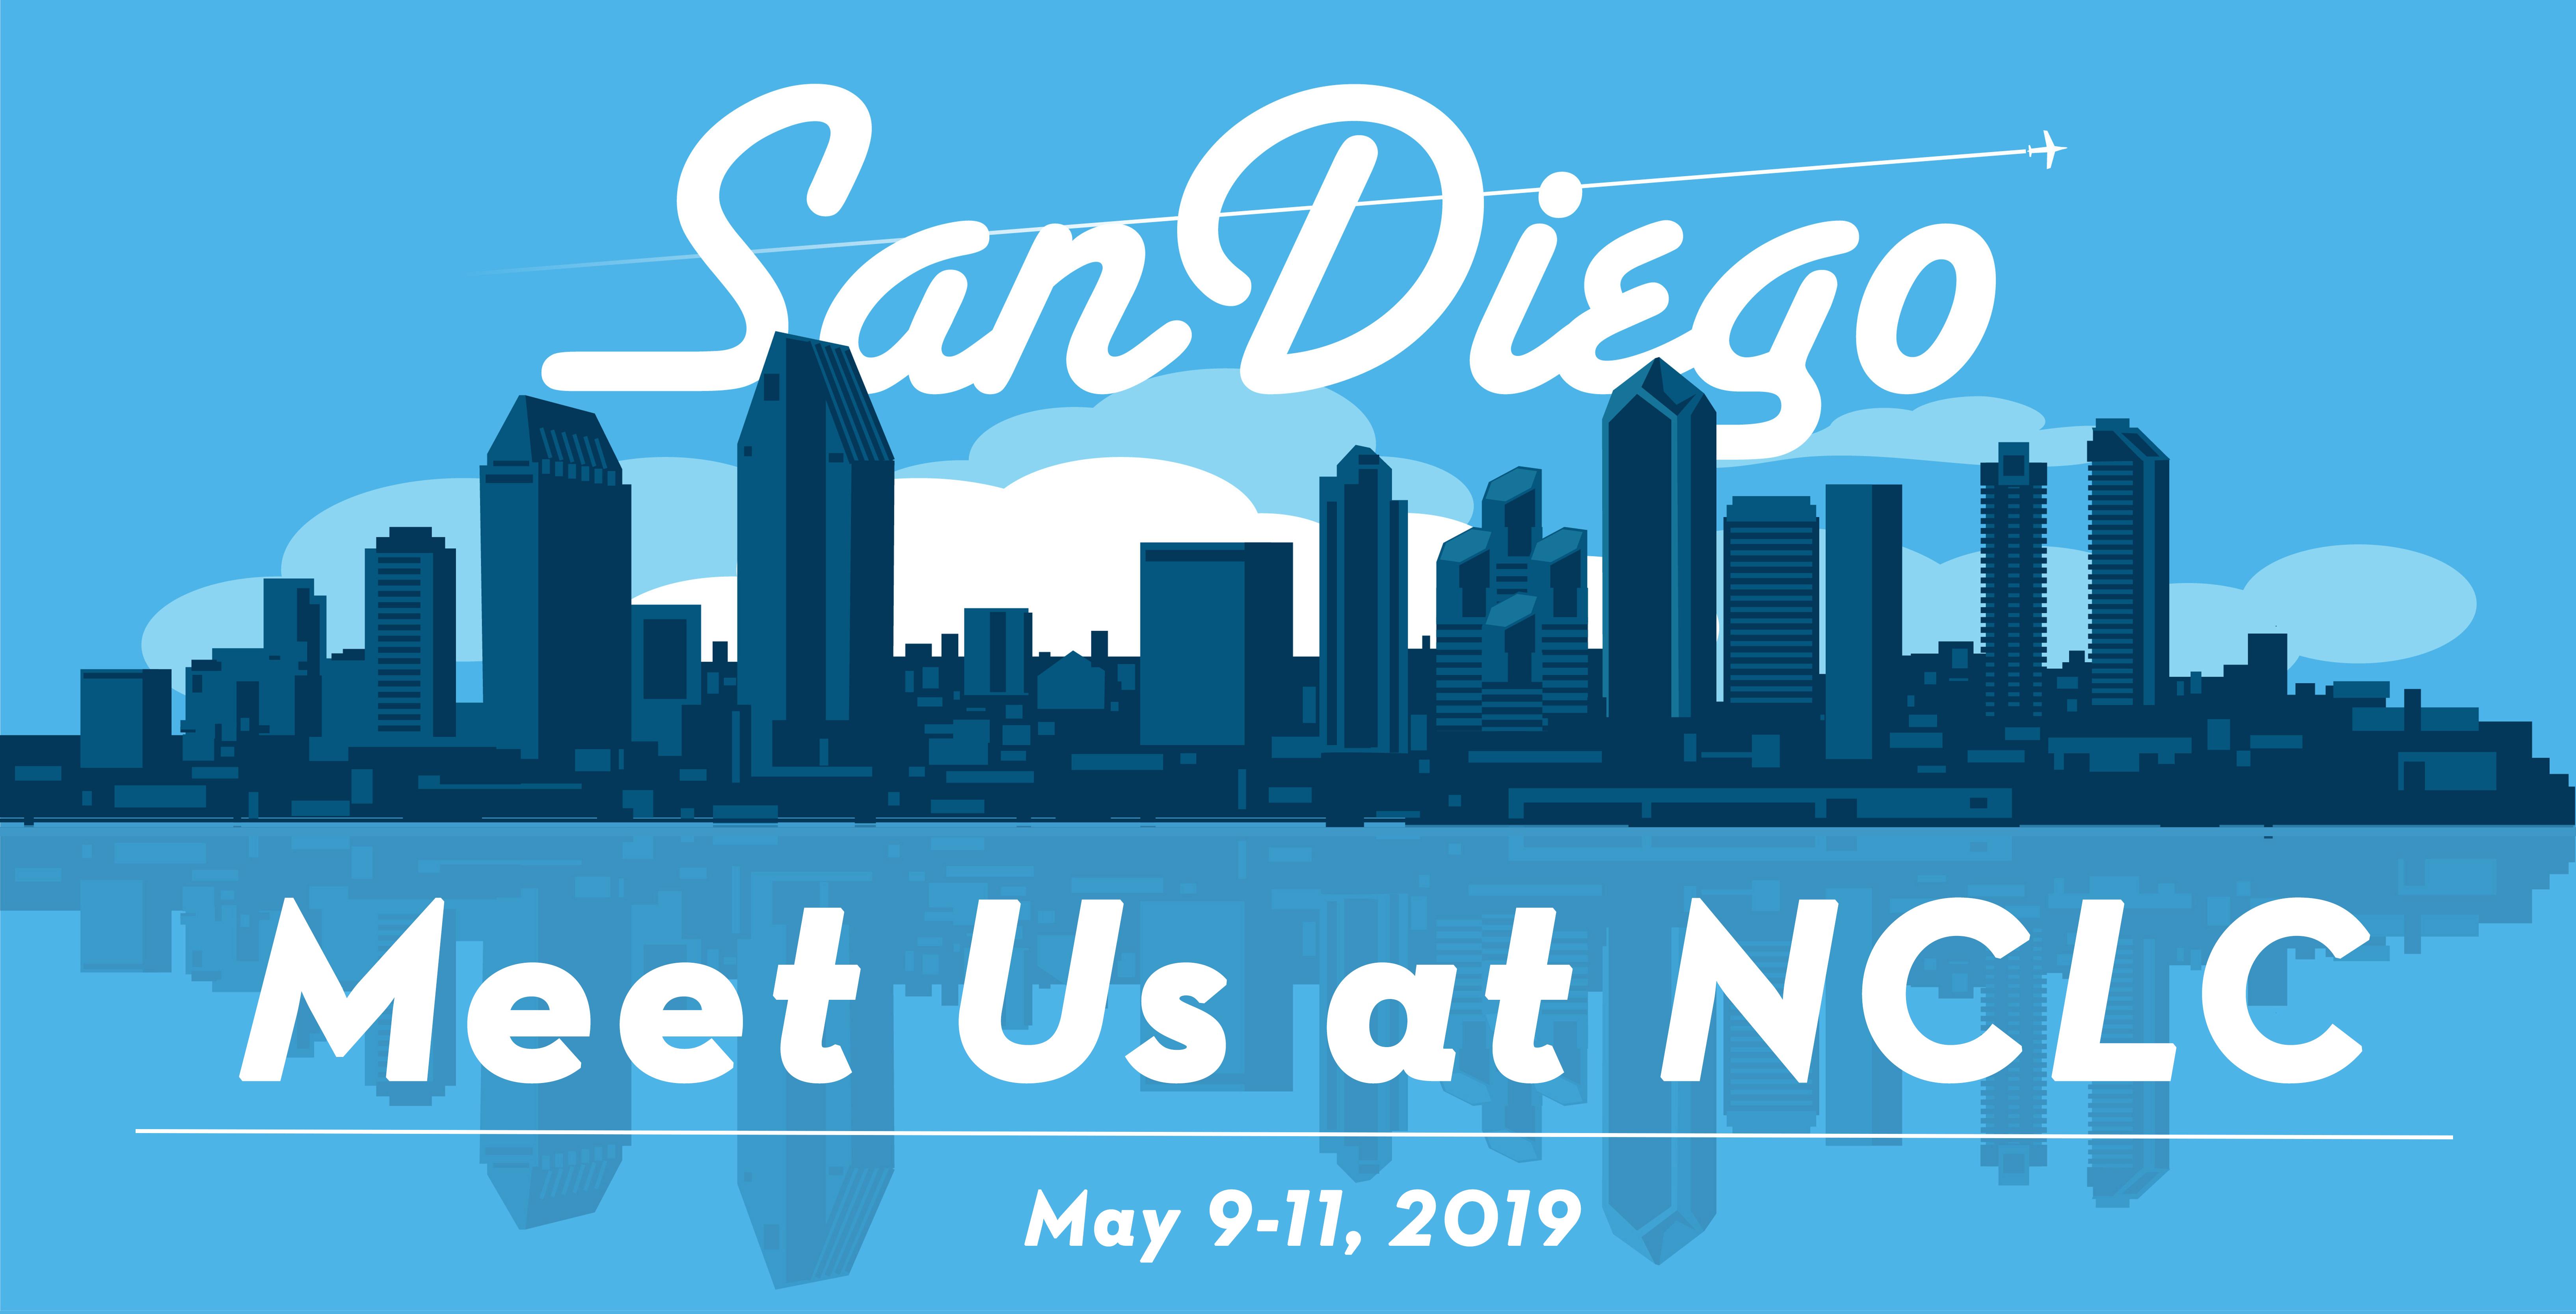 Meet Us at NCLC 2019